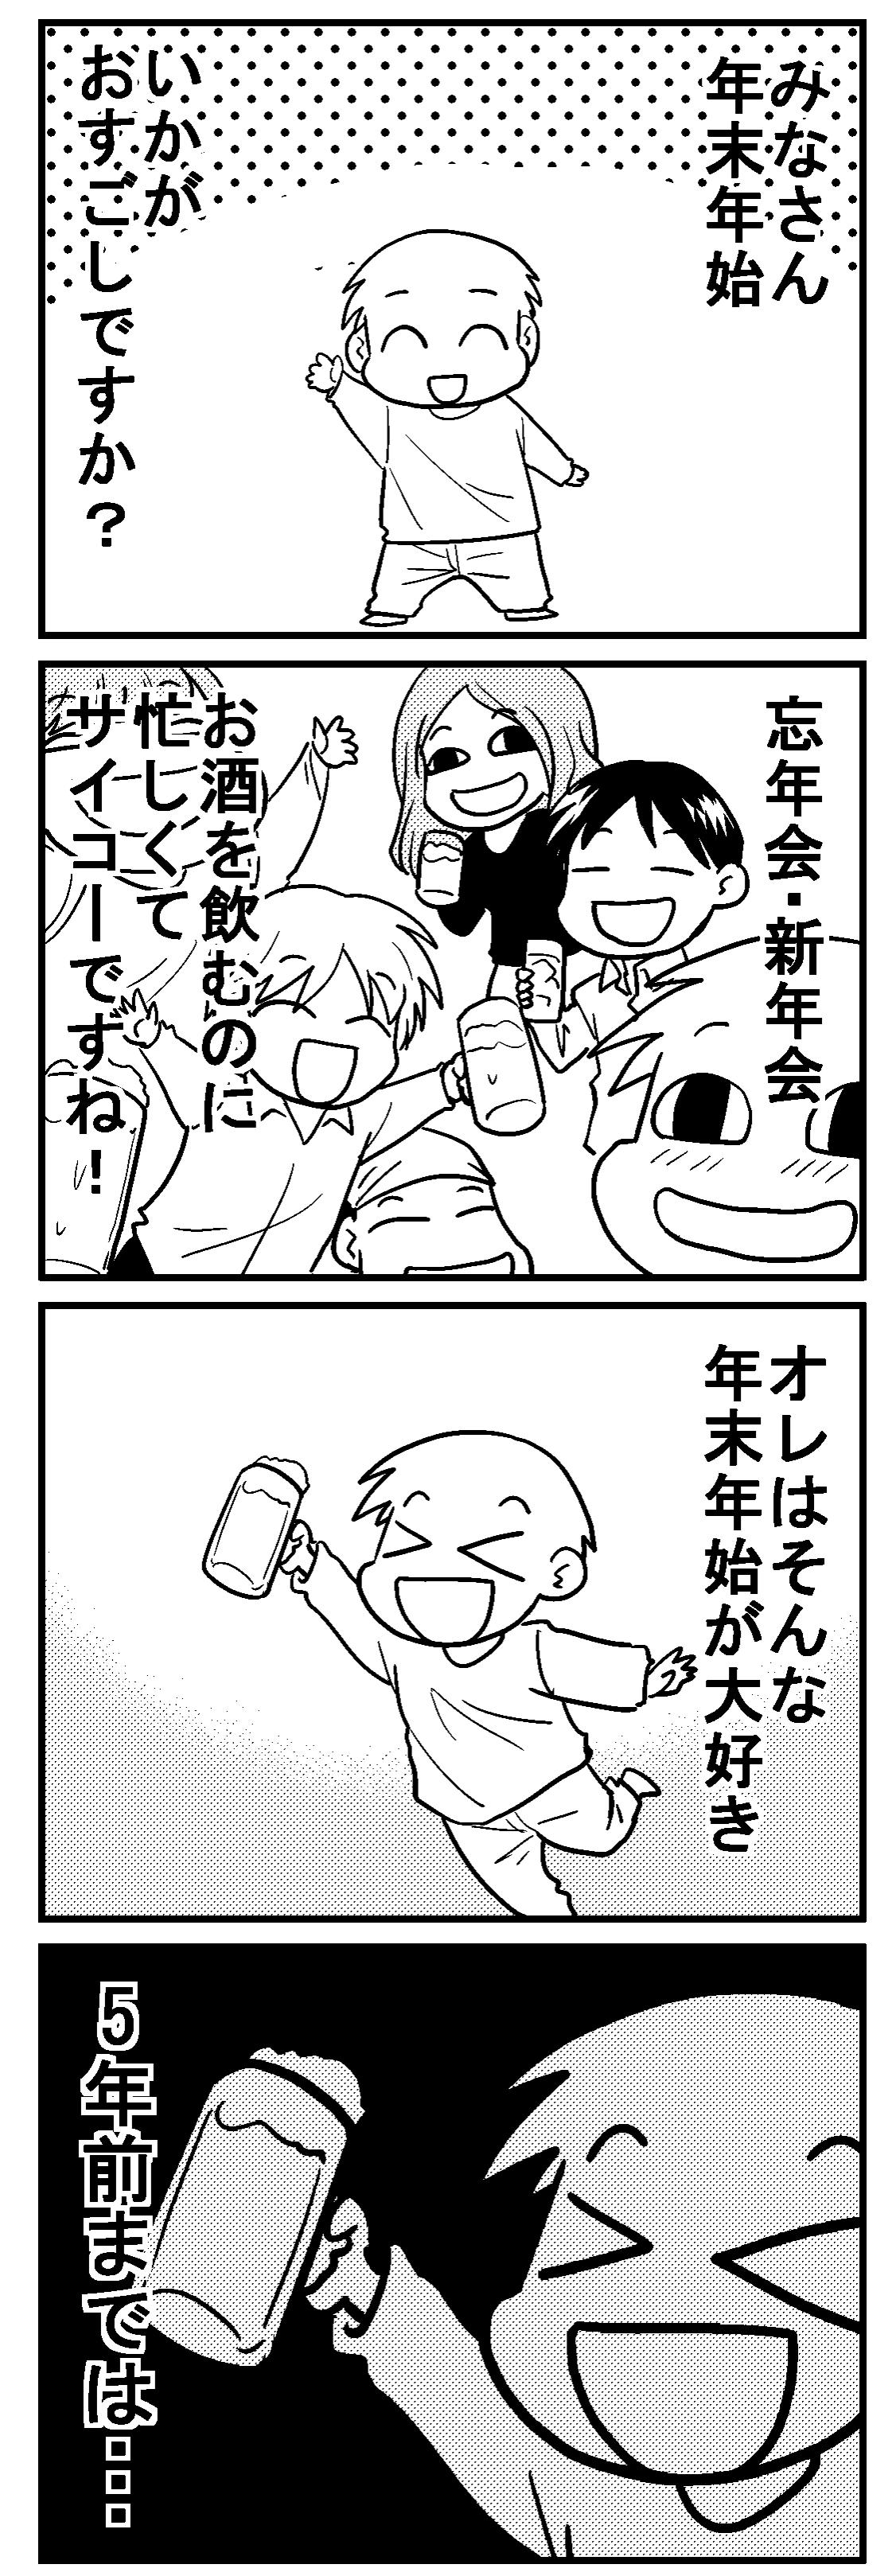 深読みくん34-4